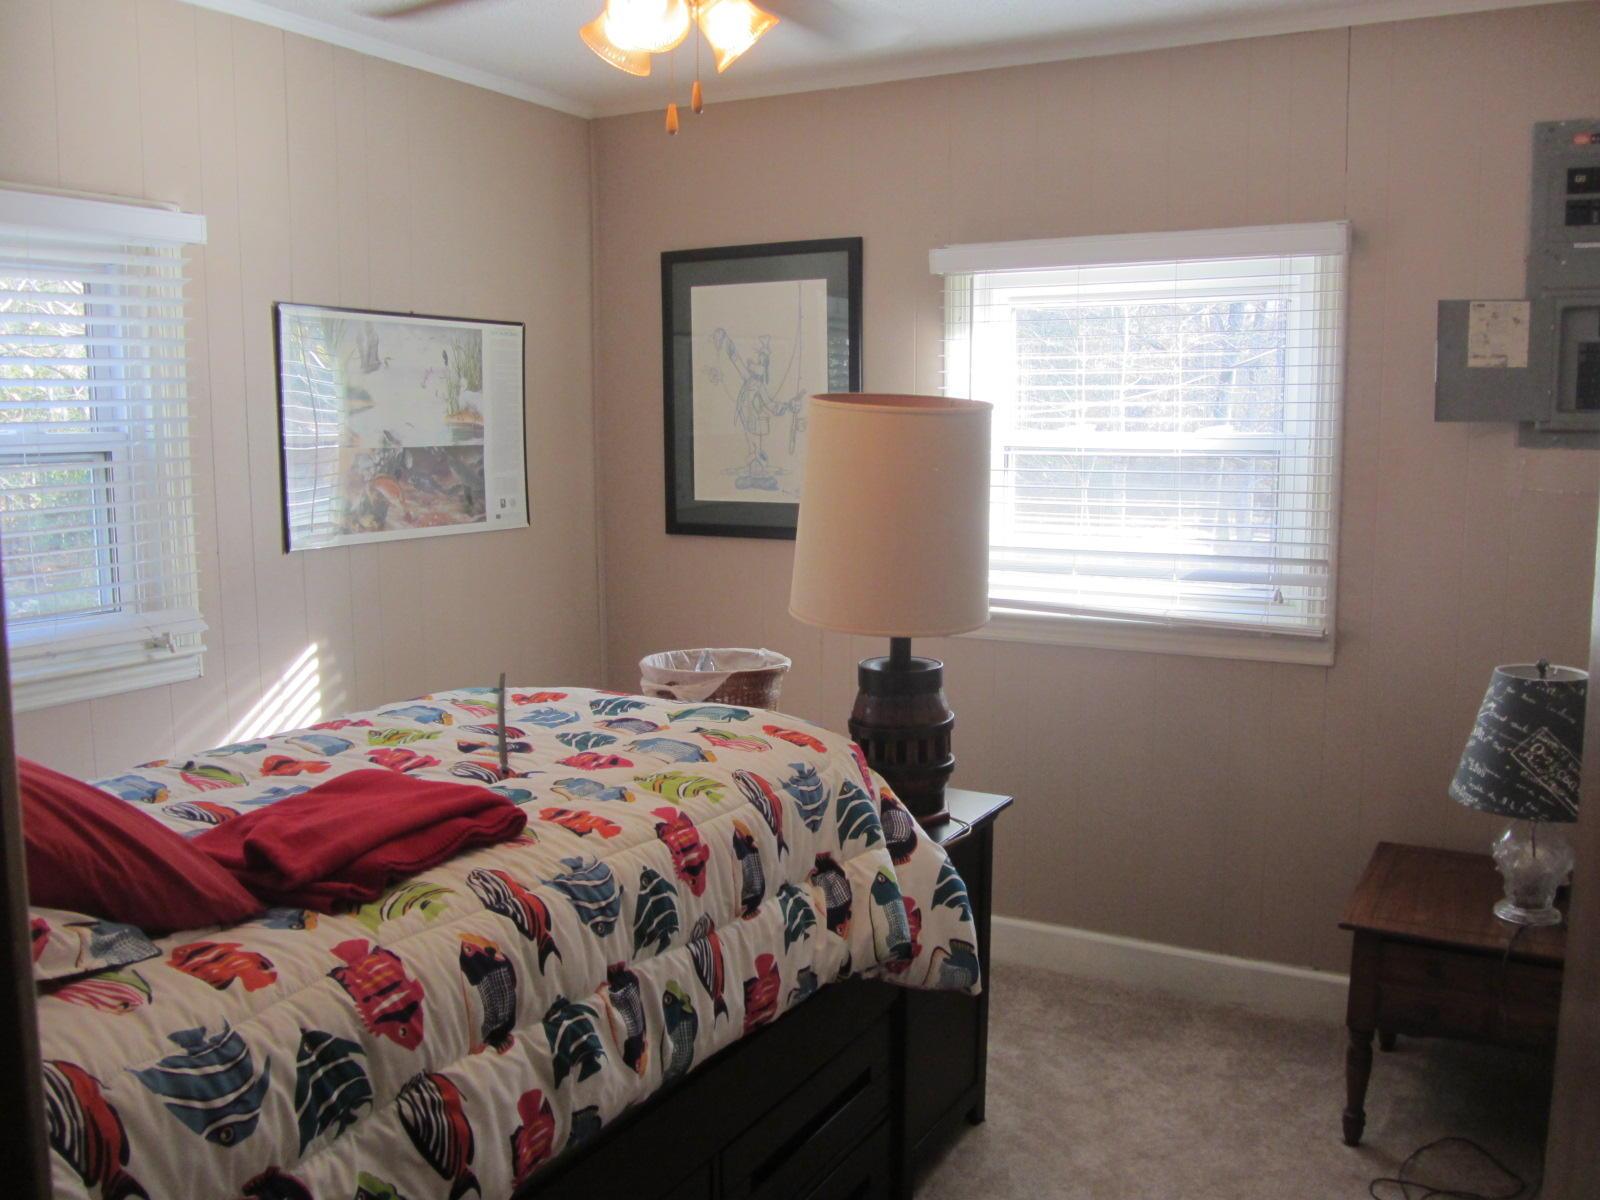 Edisto River Homes For Sale - 265 Blackwater, Round O, SC - 32